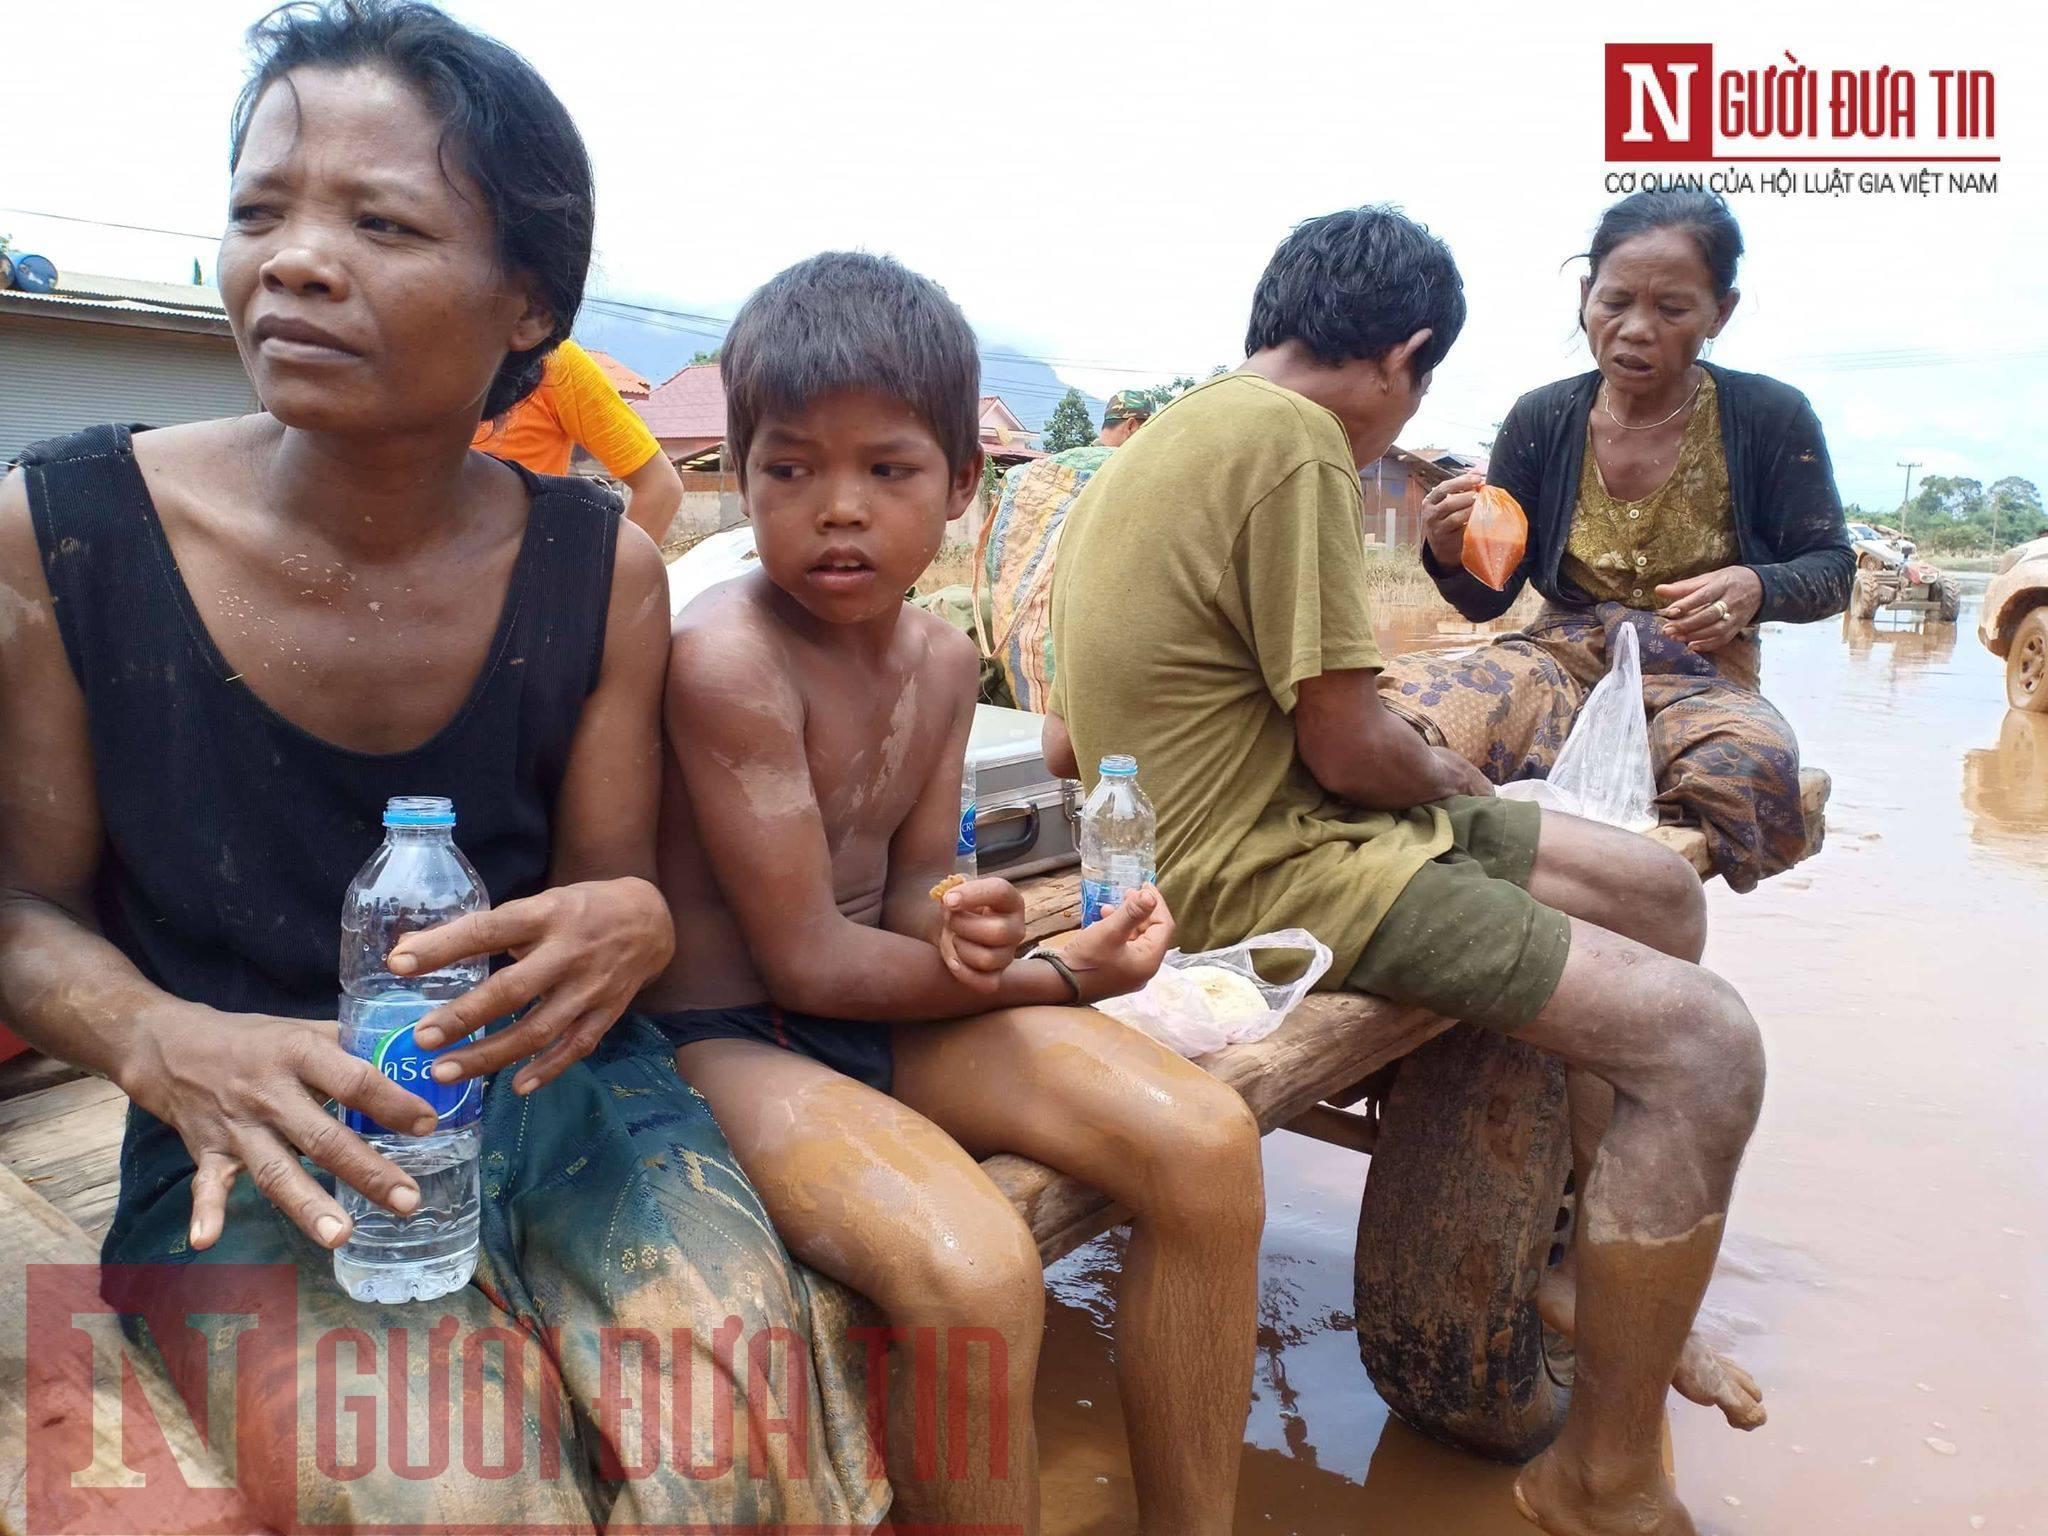 Vỡ đập thủy điện Lào: Cận cảnh công tác cứu hộ tại nơi cơn lũ vừa càn quét - Ảnh 3